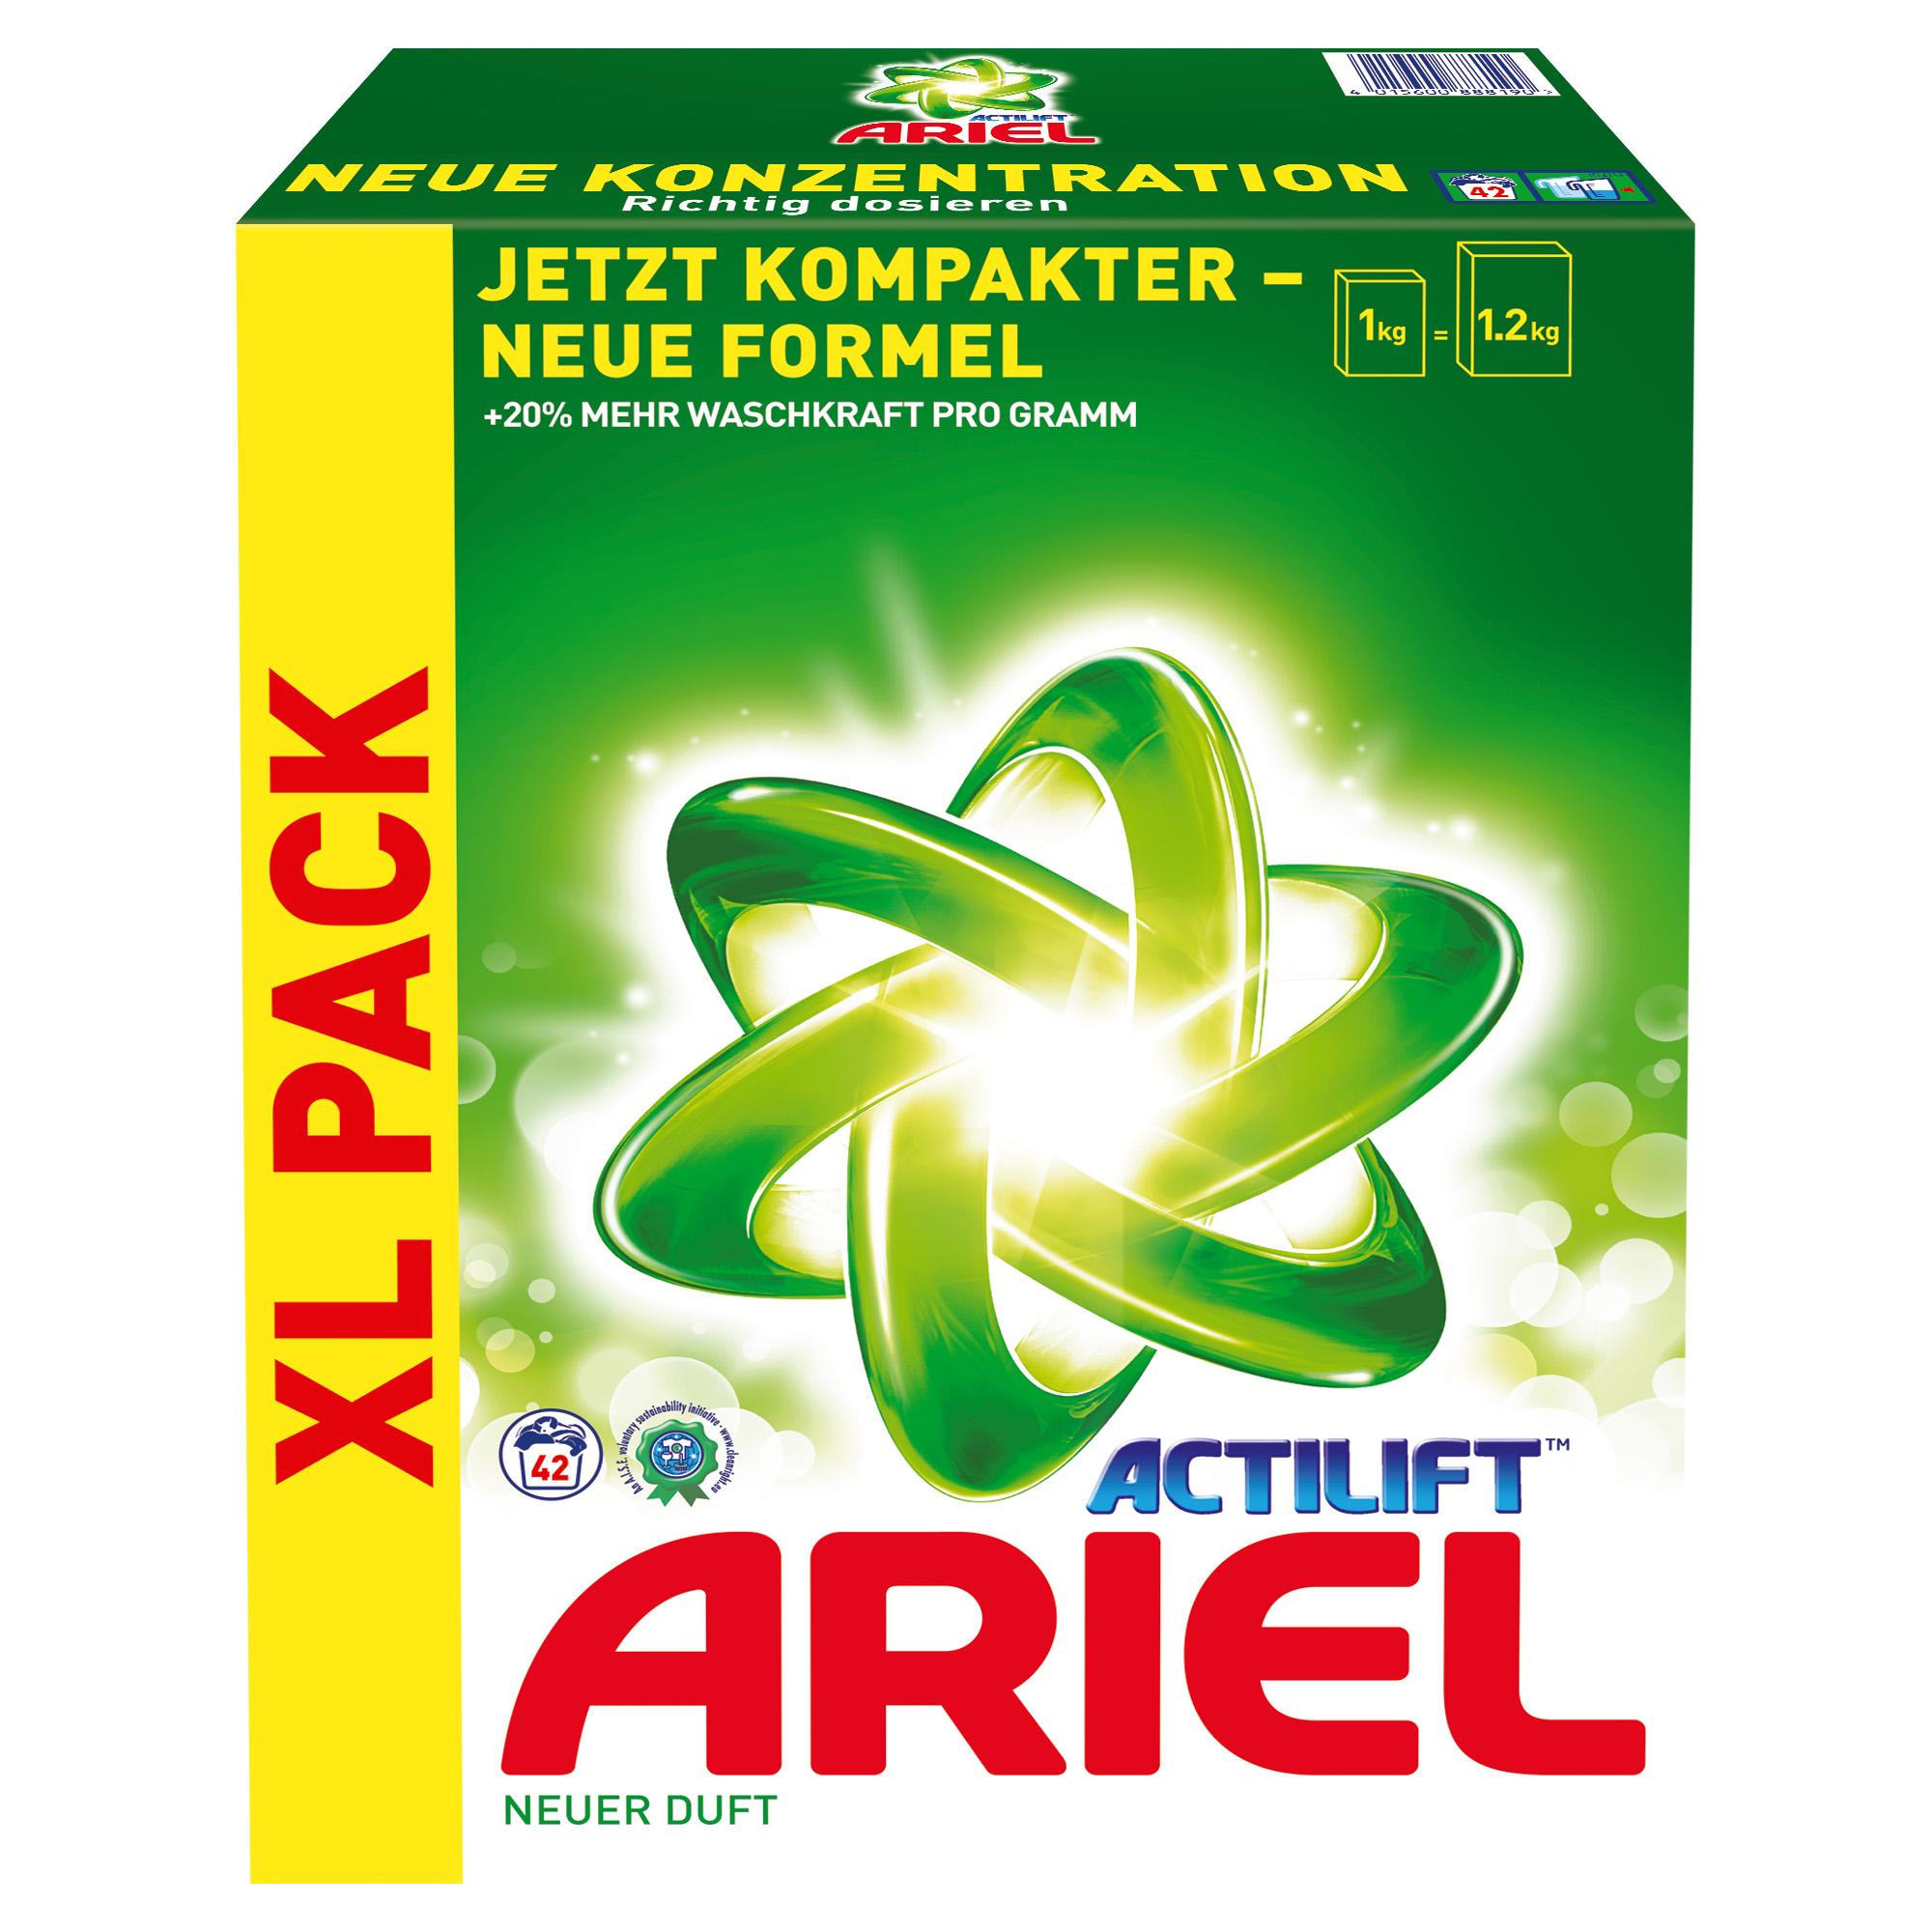 ARIEL ACTILIFT XL PRACÍ PRÁŠEK 2,73 KG - 42 DÁVEK (ARIEL ACTILIFT XL PRACÍ PRÁŠEK 2,73 KG - 42 DÁVEK )